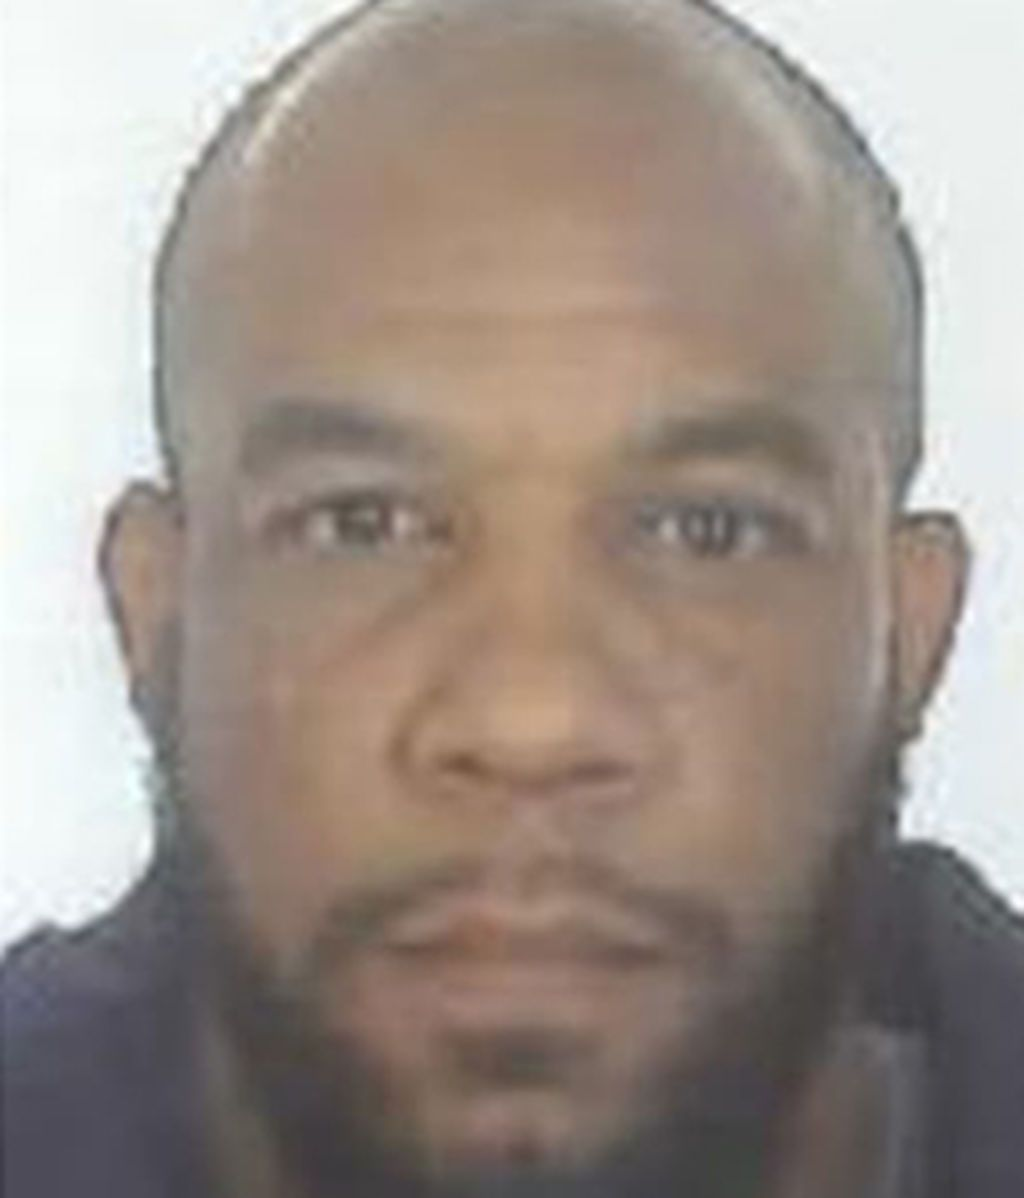 La Policía británica no encuentra pruebas de la relación entre Khalid Masood y Estado Islámico